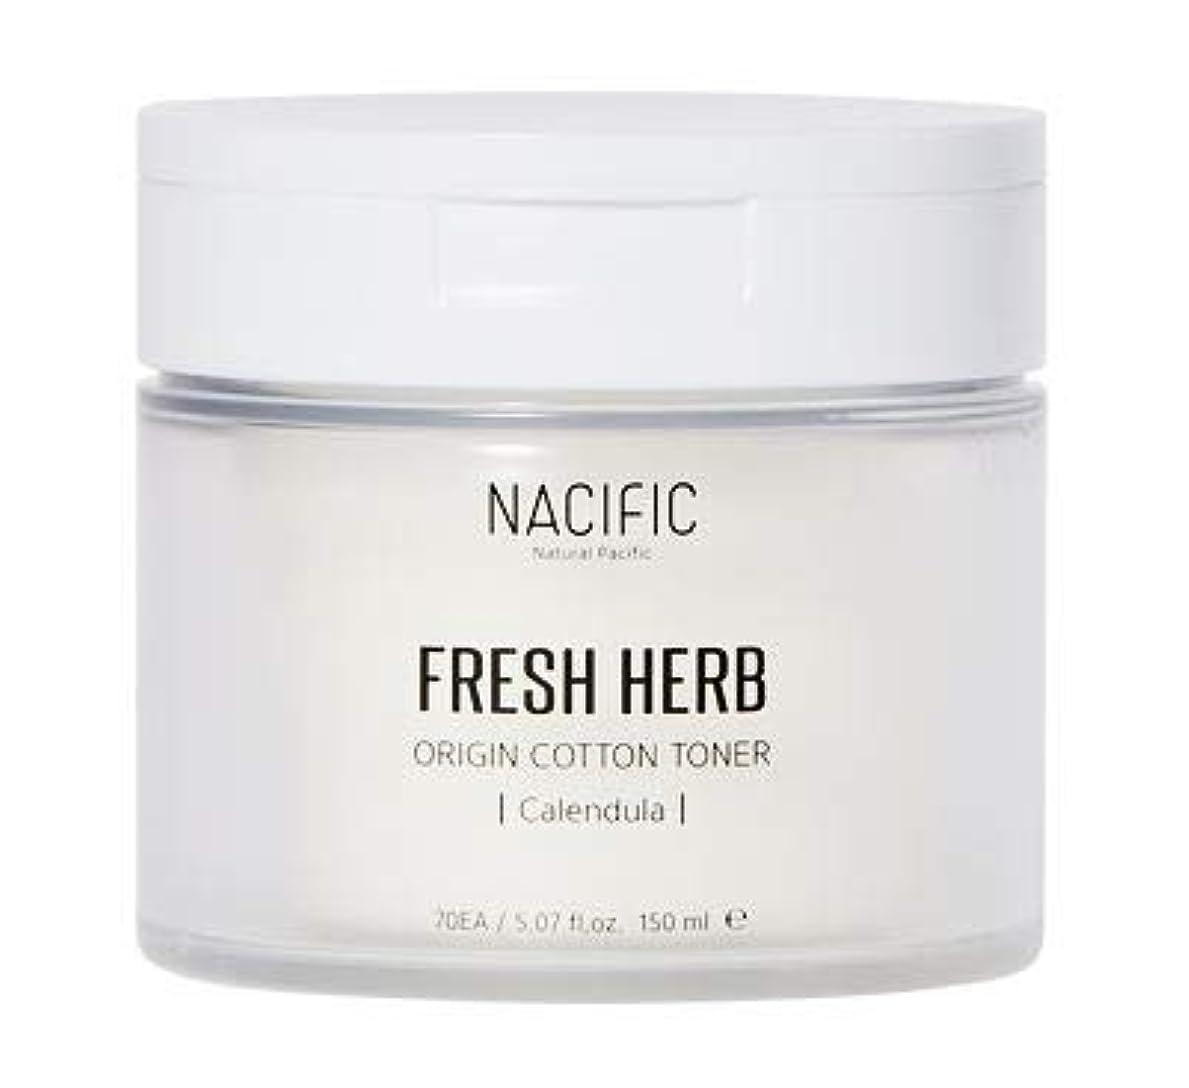 コメントマオリ無人[Nacific] Fresh Herb Origin Cotton Toner 150ml (Calendula) /[ナシフィック] フレッシュ ハーブ オリジン コットン トナー (カレンデュラ)150ml [並行輸入品]